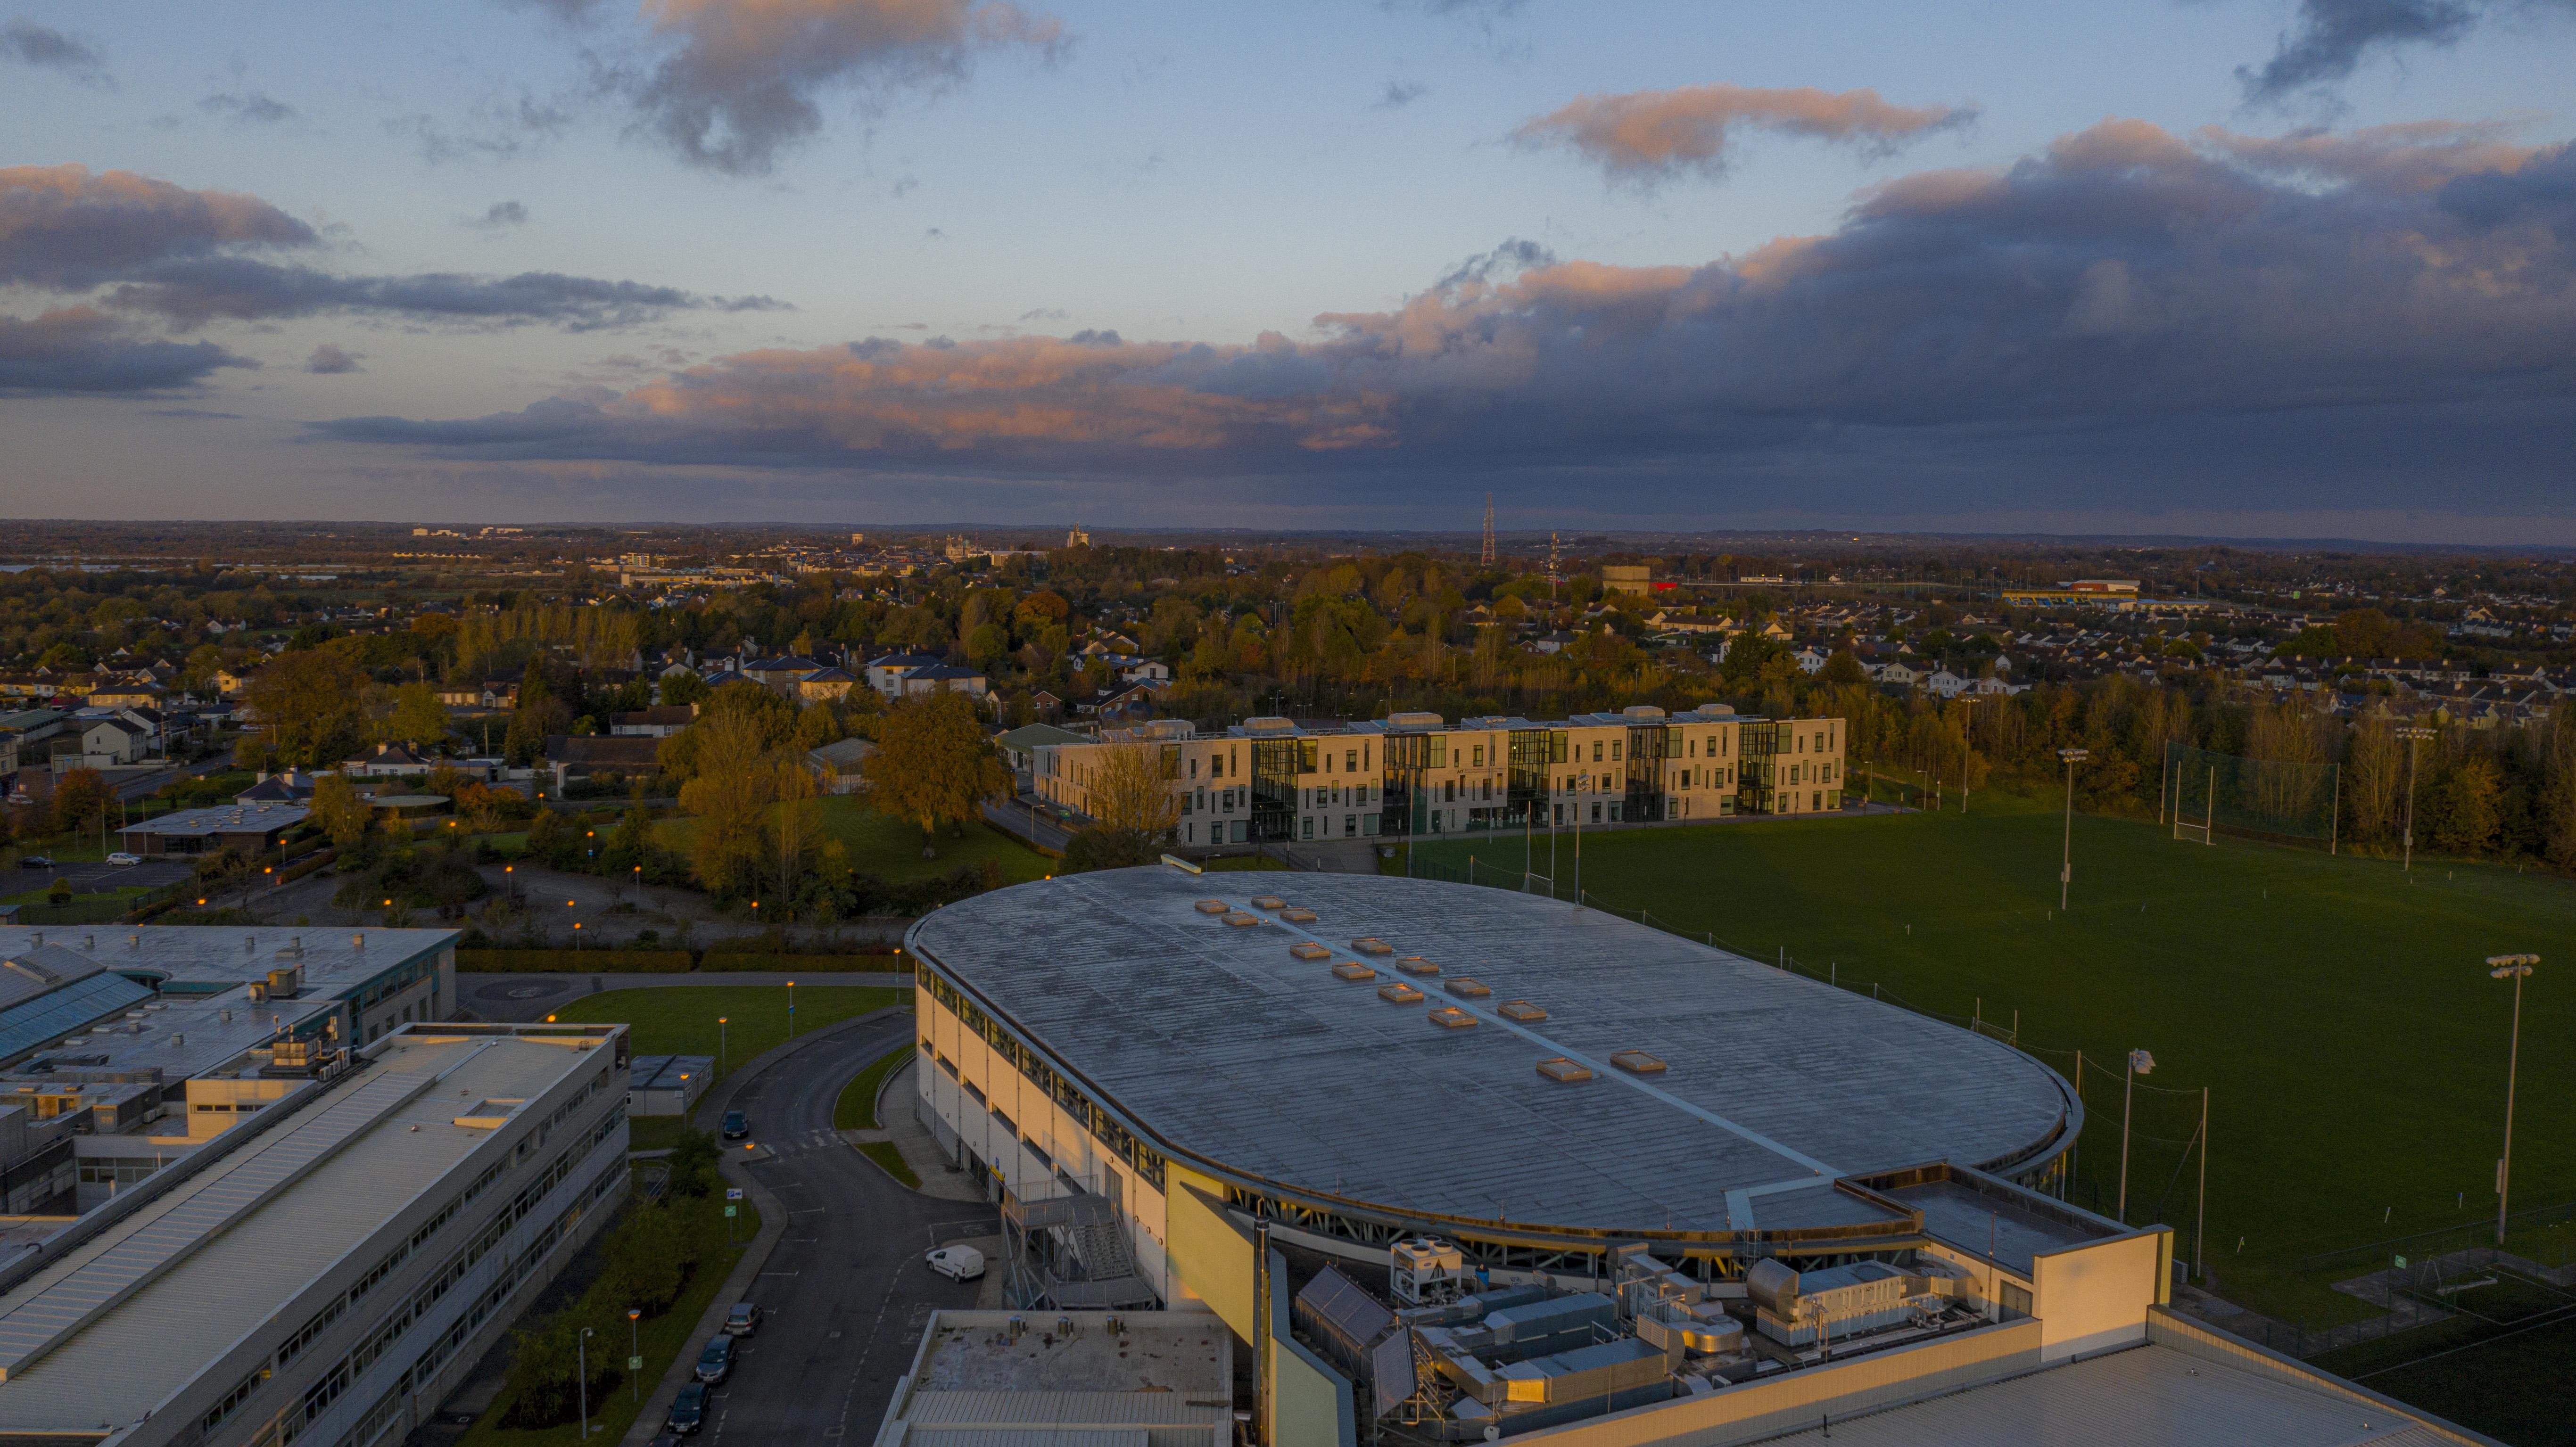 AIT Campus Aerial View